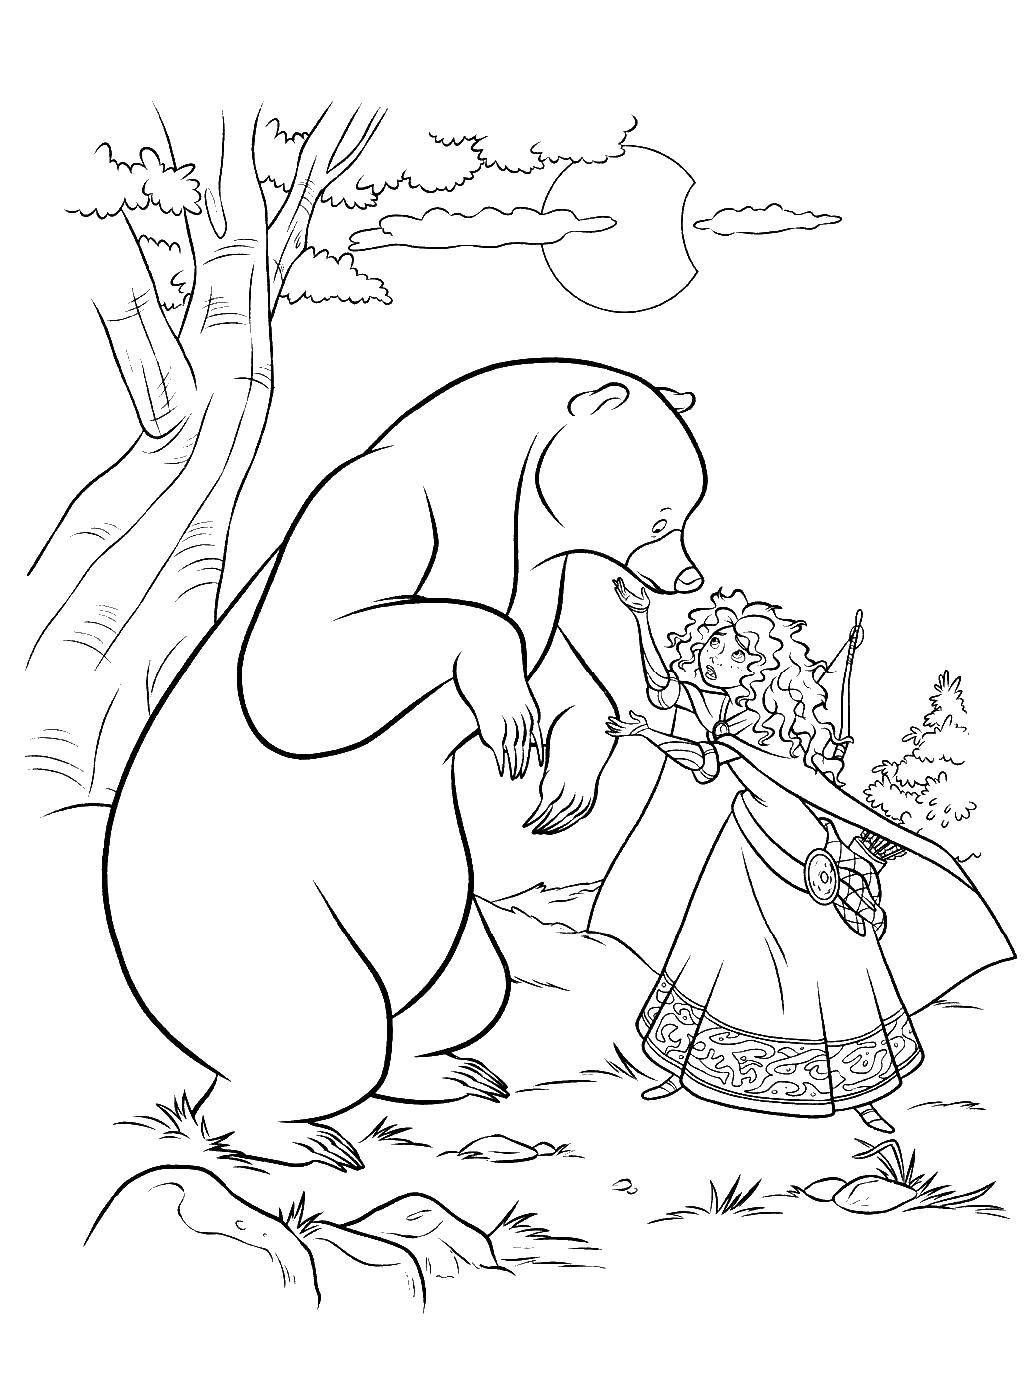 Раскраска Медведь и принцесска Скачать Храбрая сердцем, мультфильмы, принцесса, медведь.  Распечатать ,храбрая сердцем,